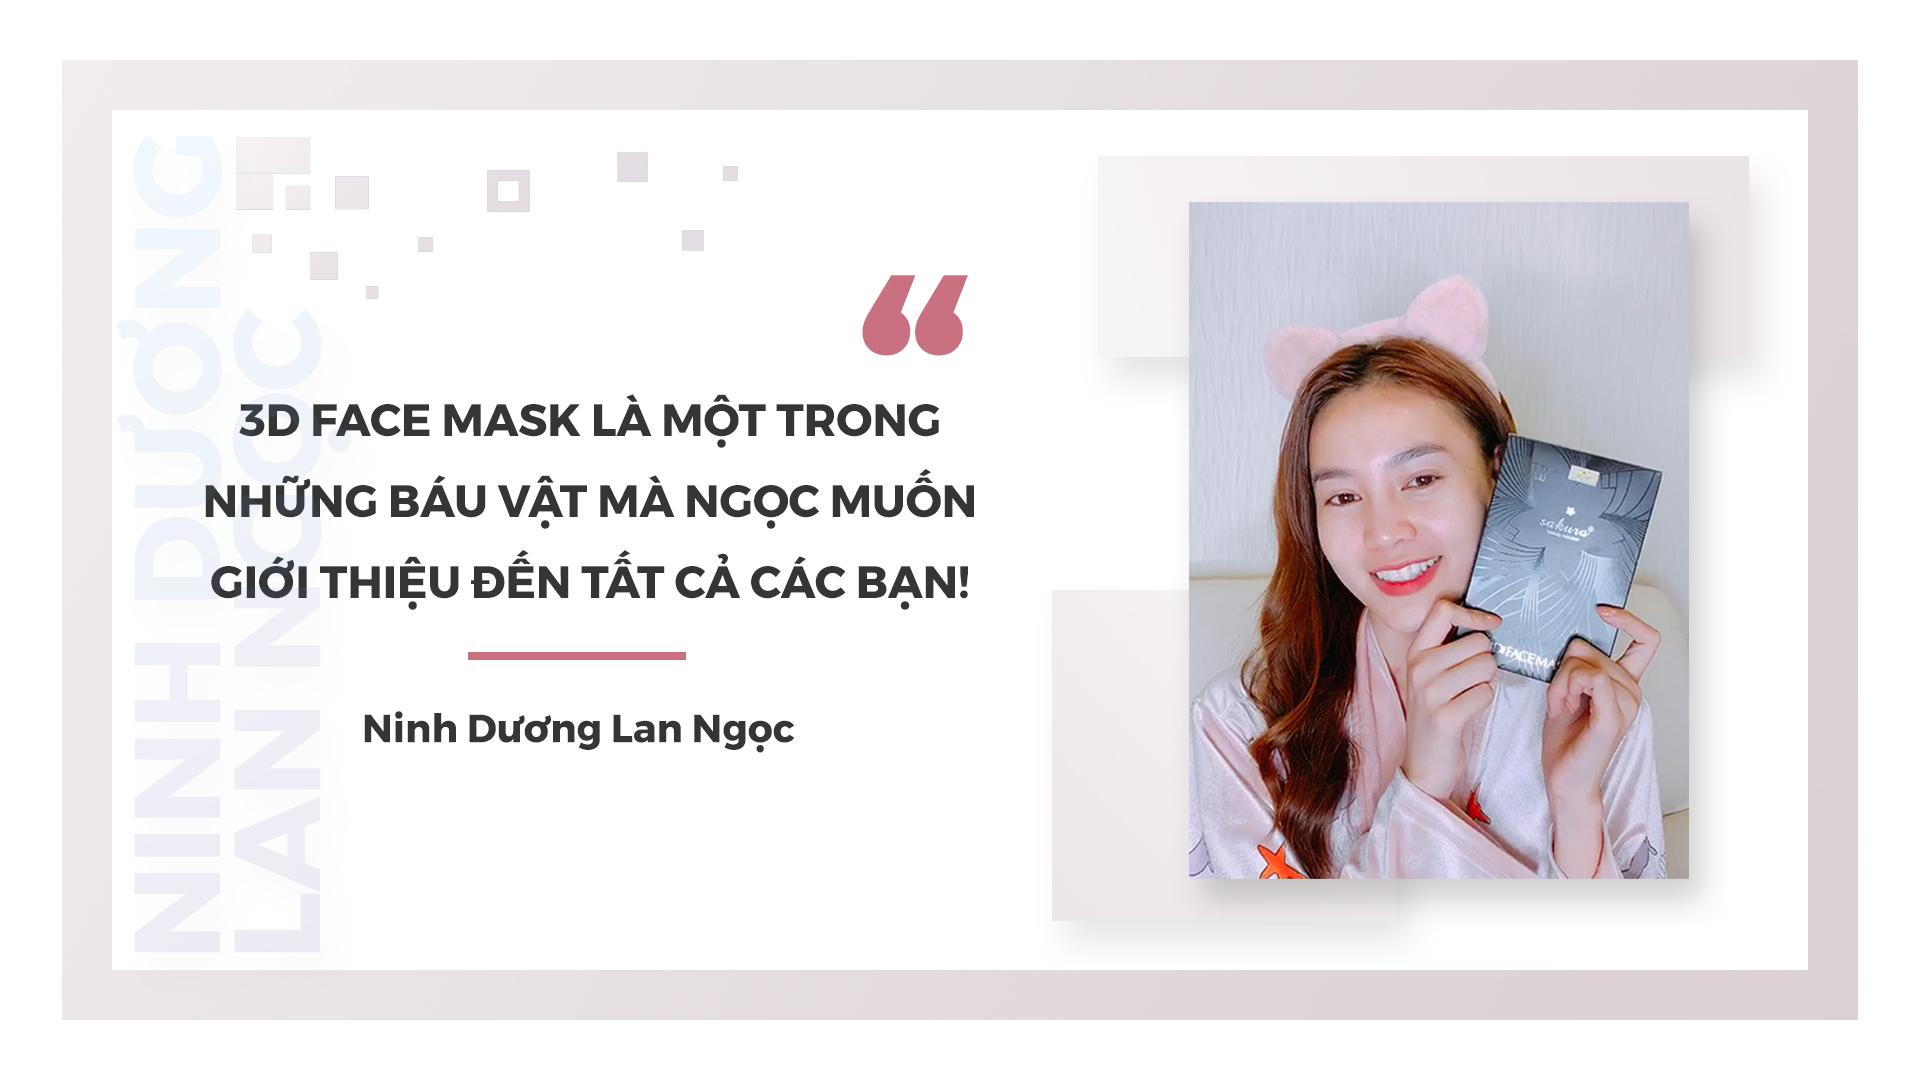 Ninh Dương Lan Ngọc, Giang Anh Hana, Diệp Chi review Sakura 3D Face Mask